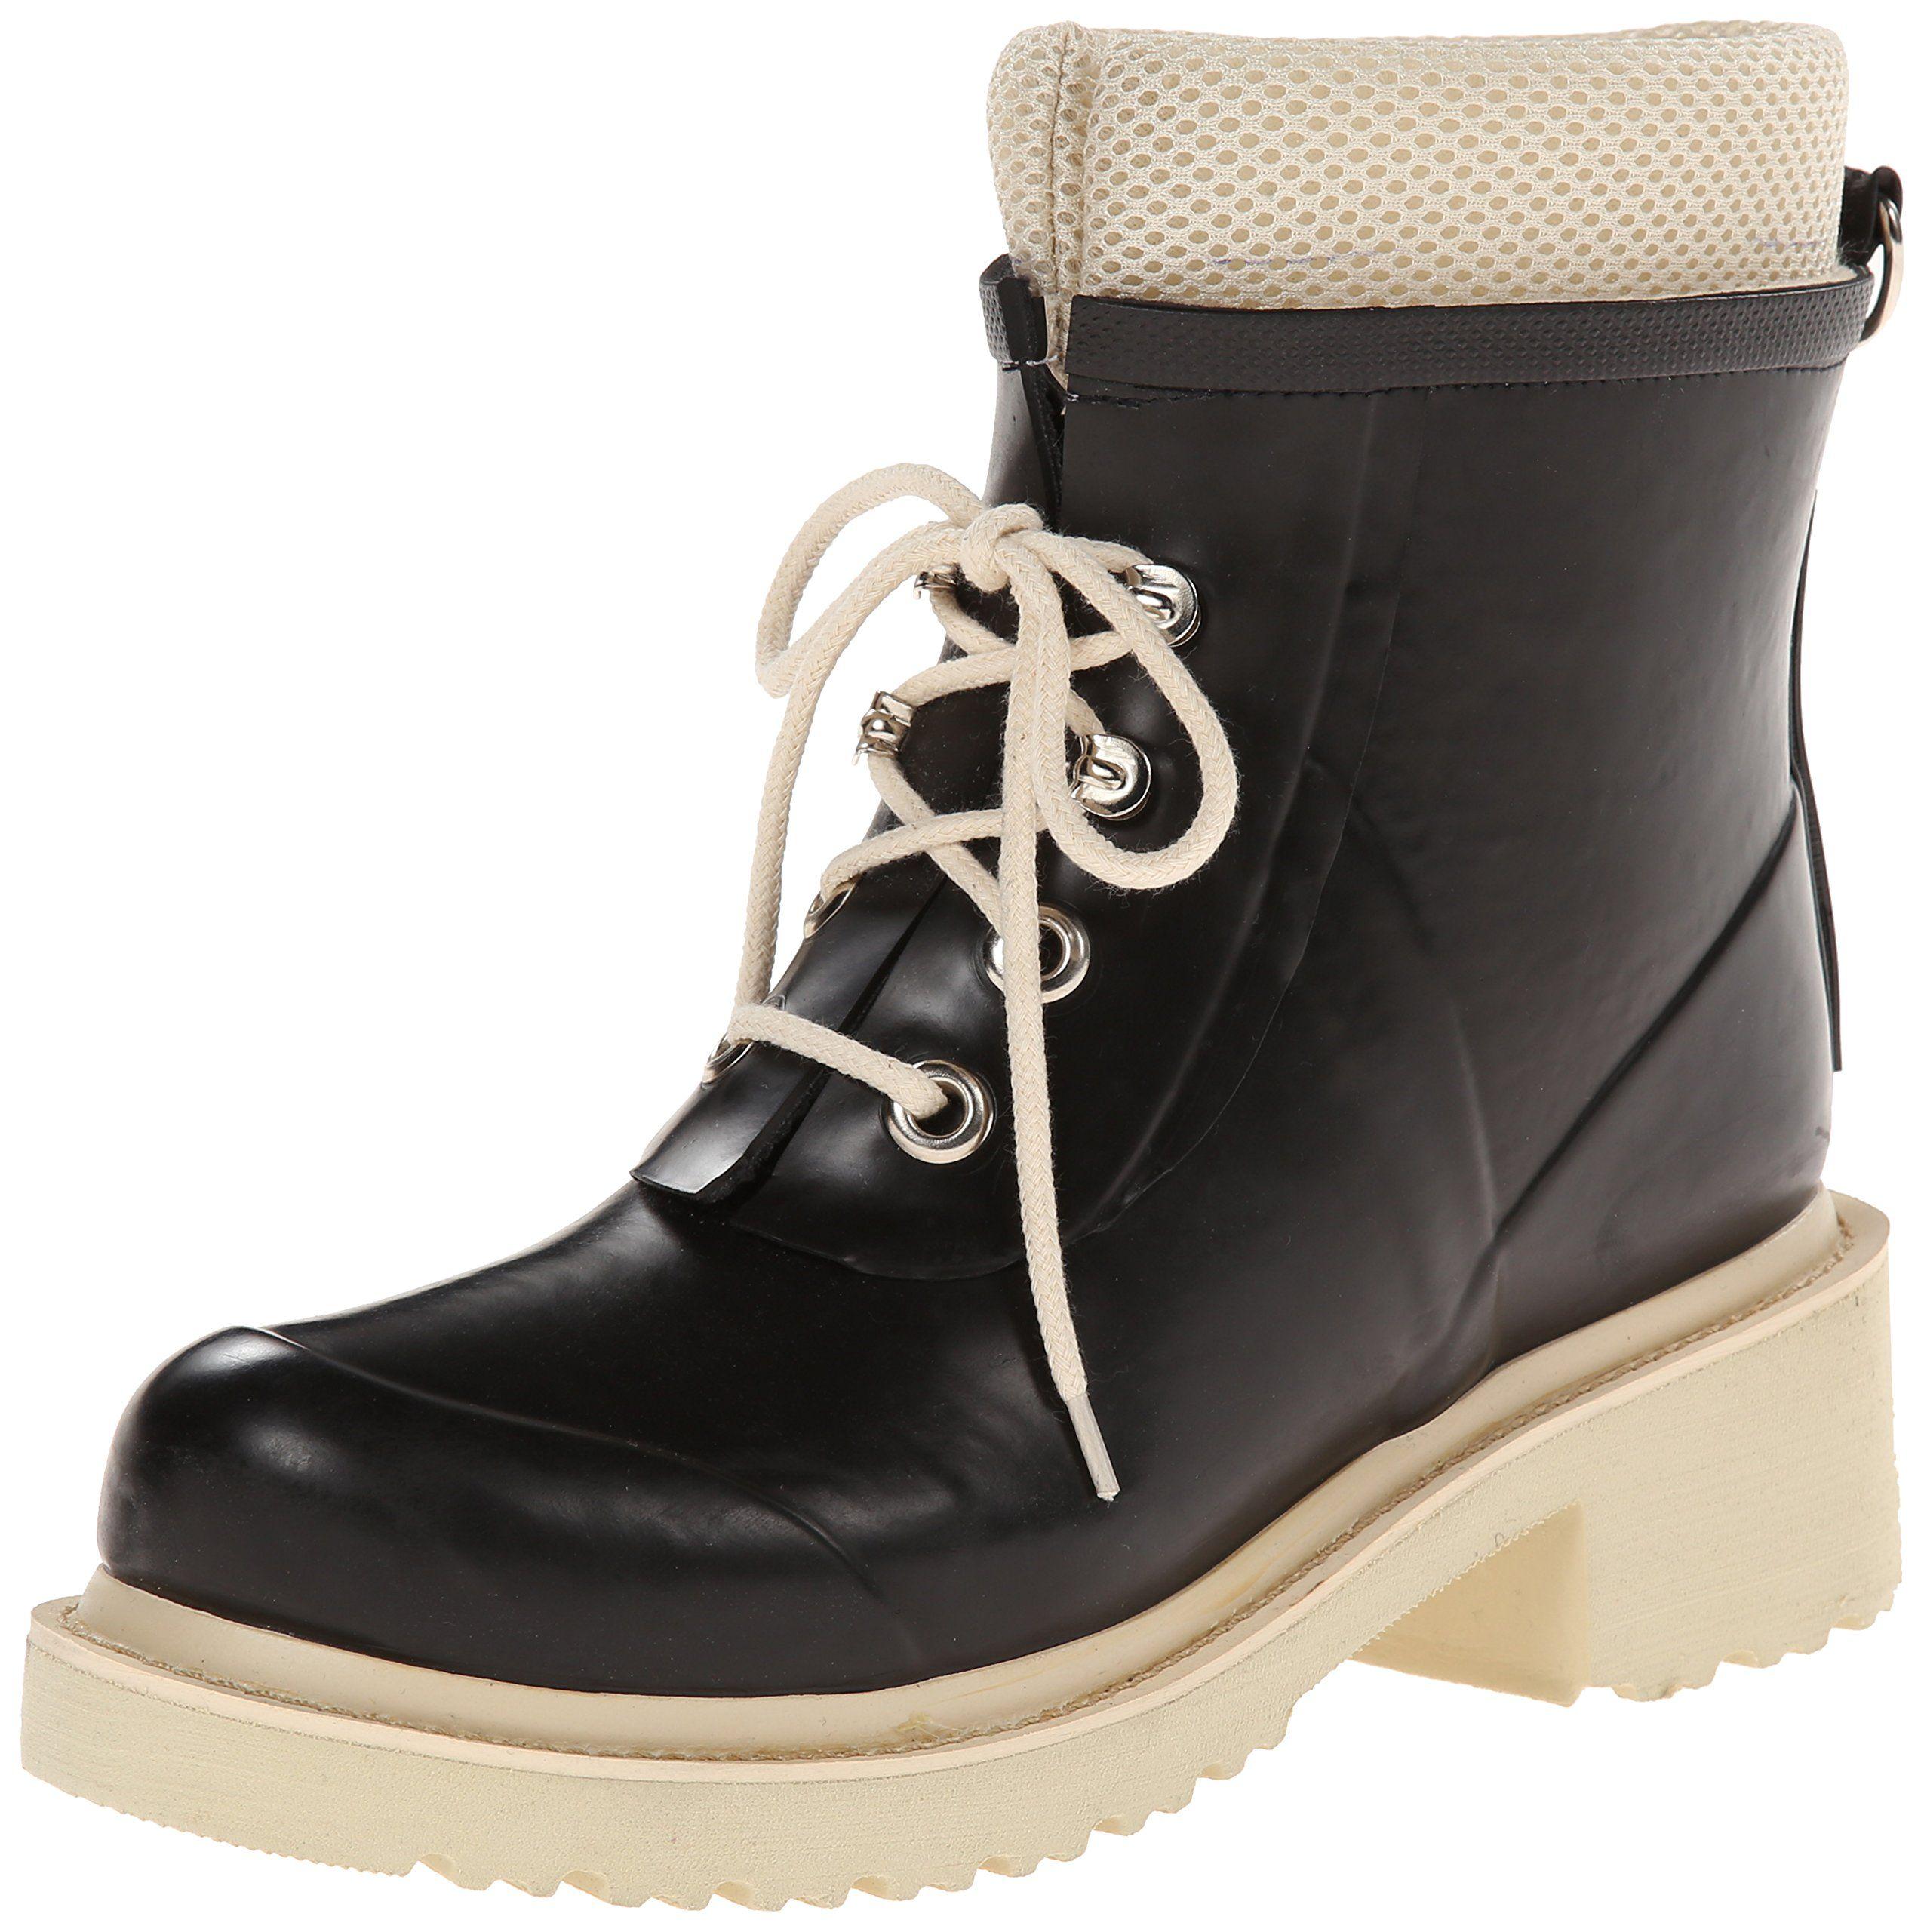 Women's Rub 61 Rain Boot